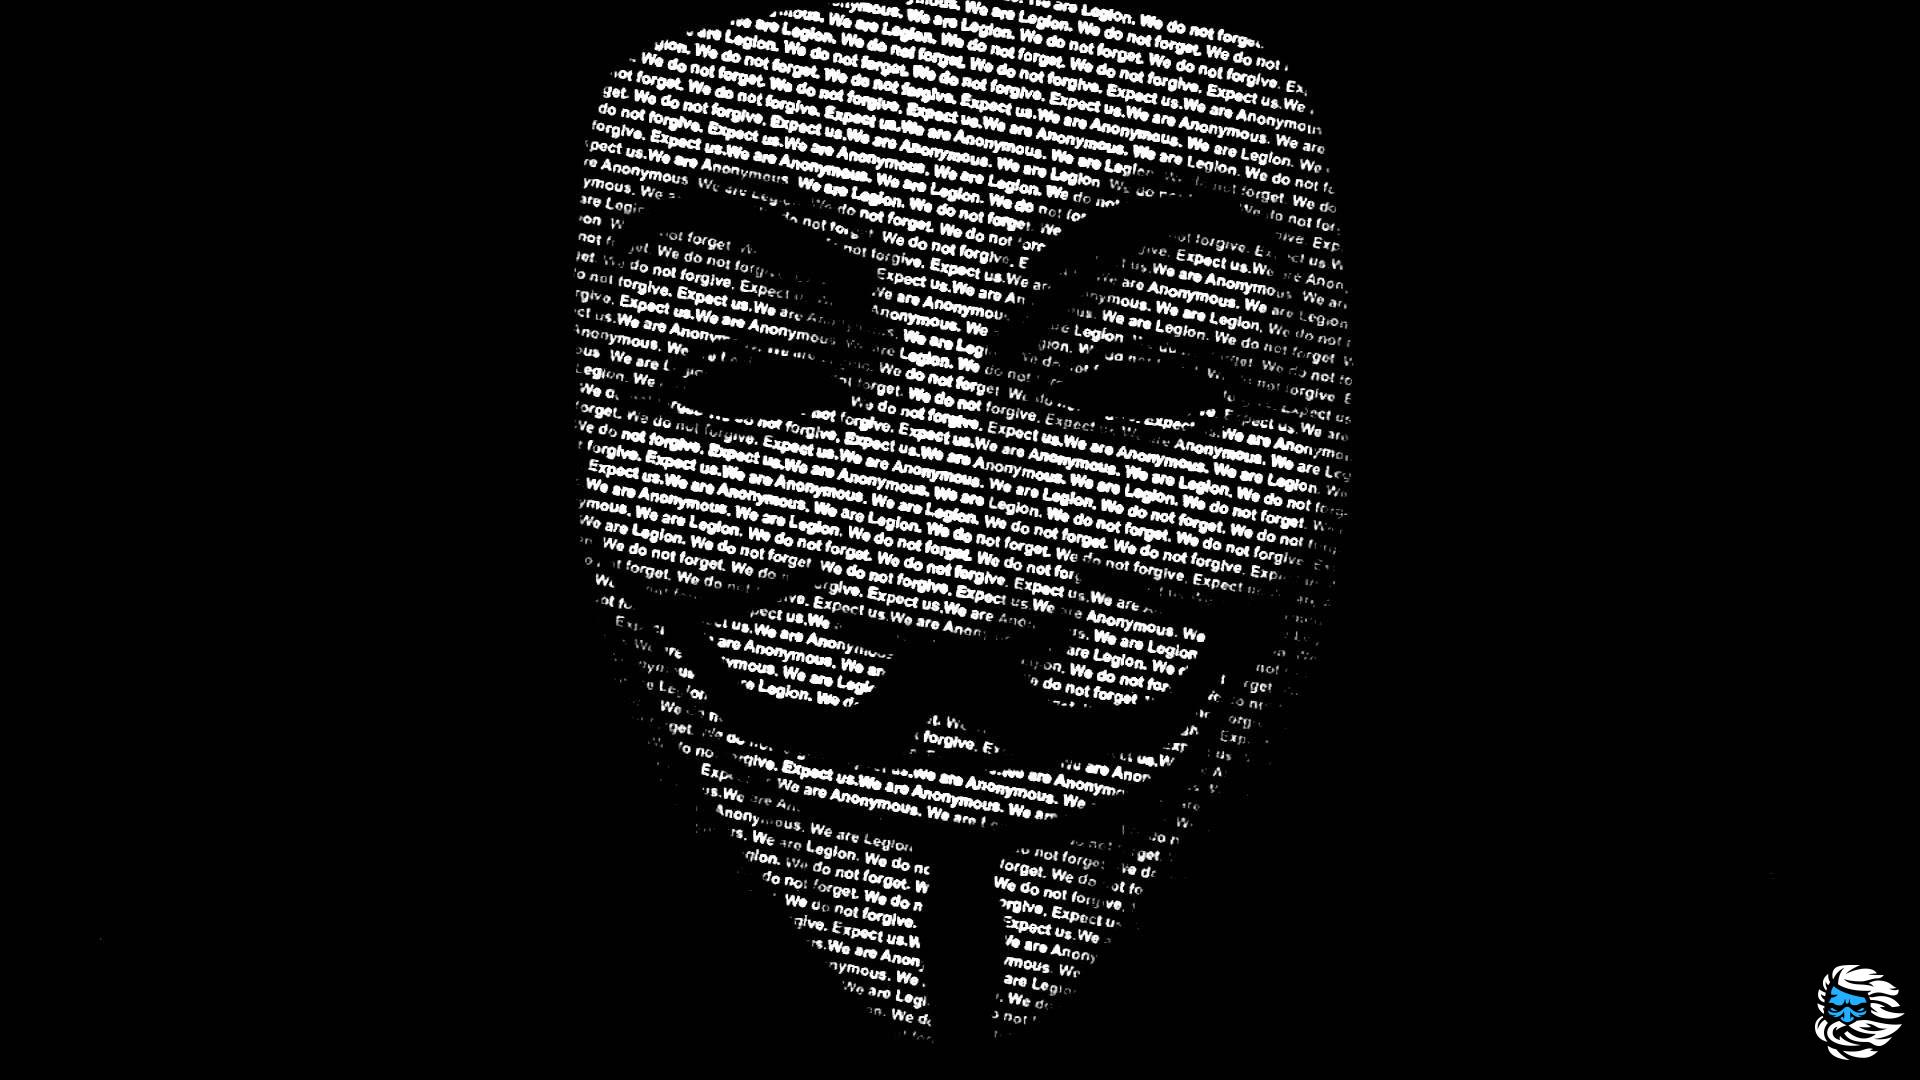 Имя им — легион. Самые громкие акции Anonymous - 1